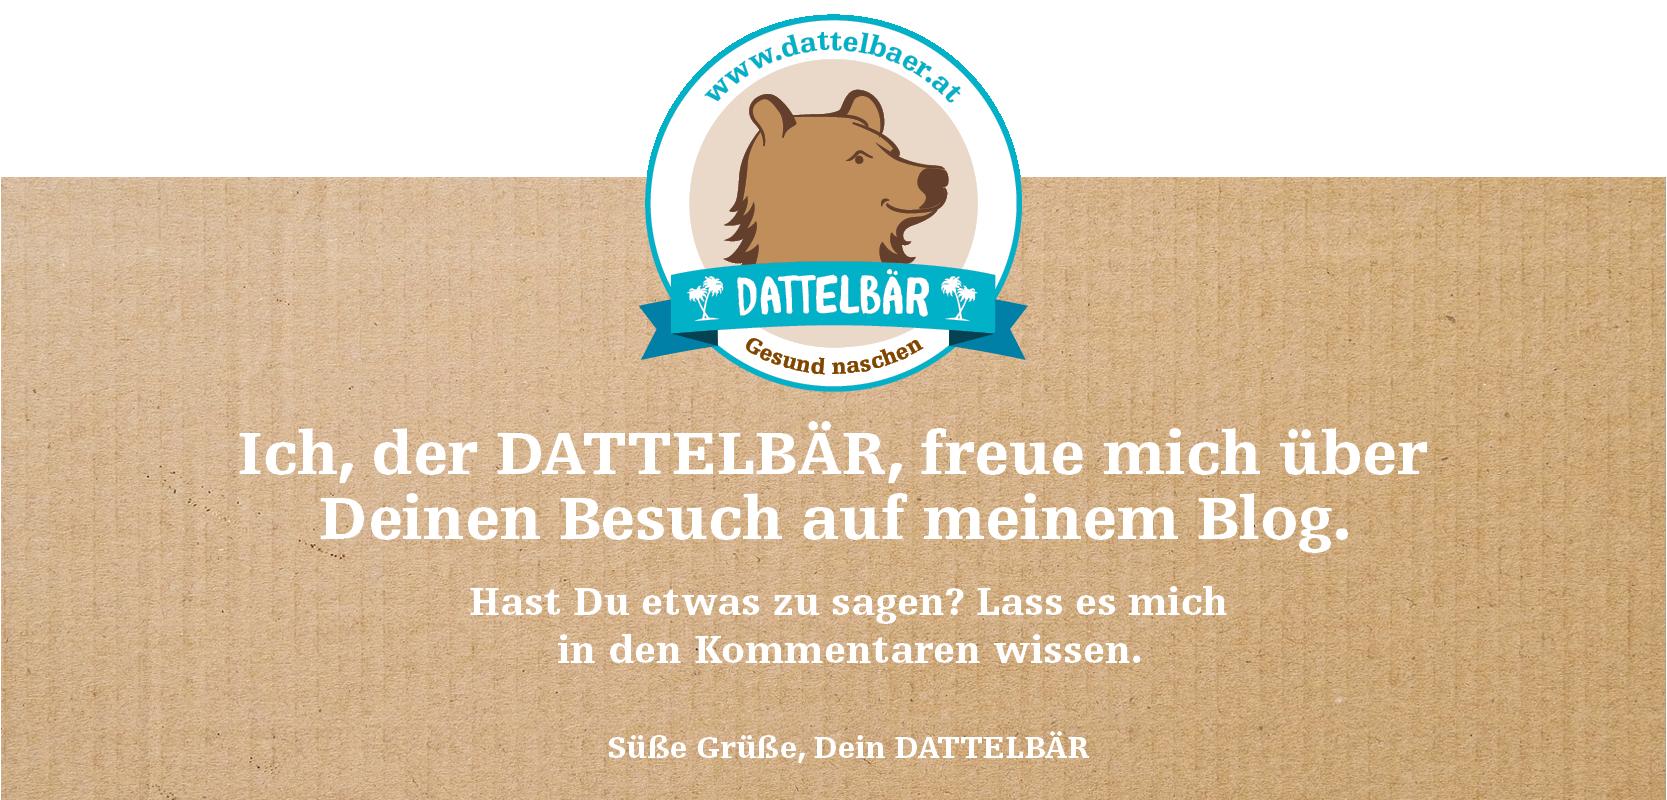 dattel-blog-banner